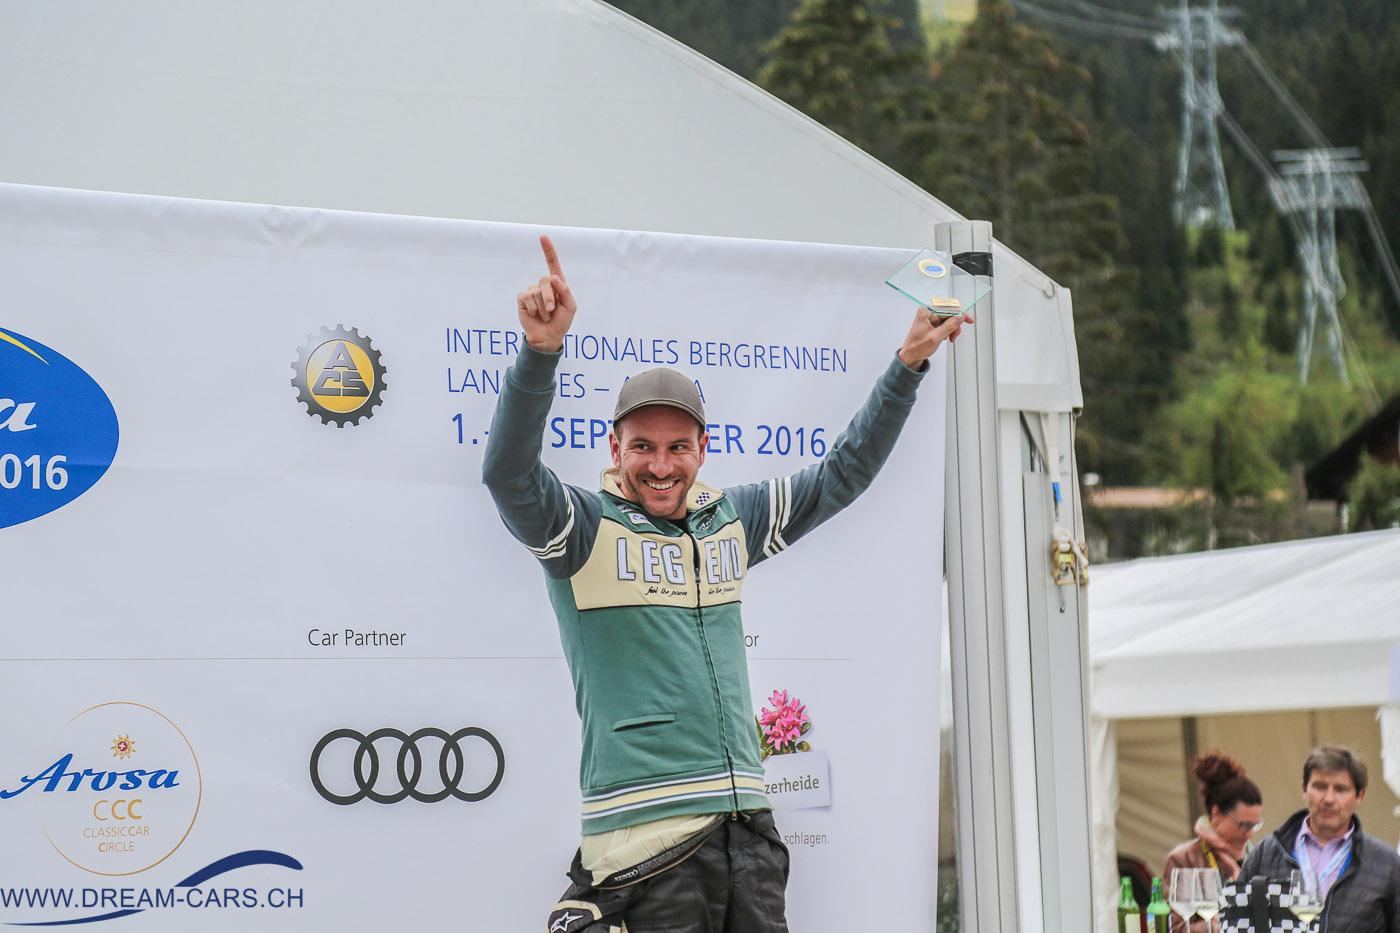 Arosa ClassicCar 2016 Thomas Amweg freut sich über seinen Sieg und den neuen Streckenrekord